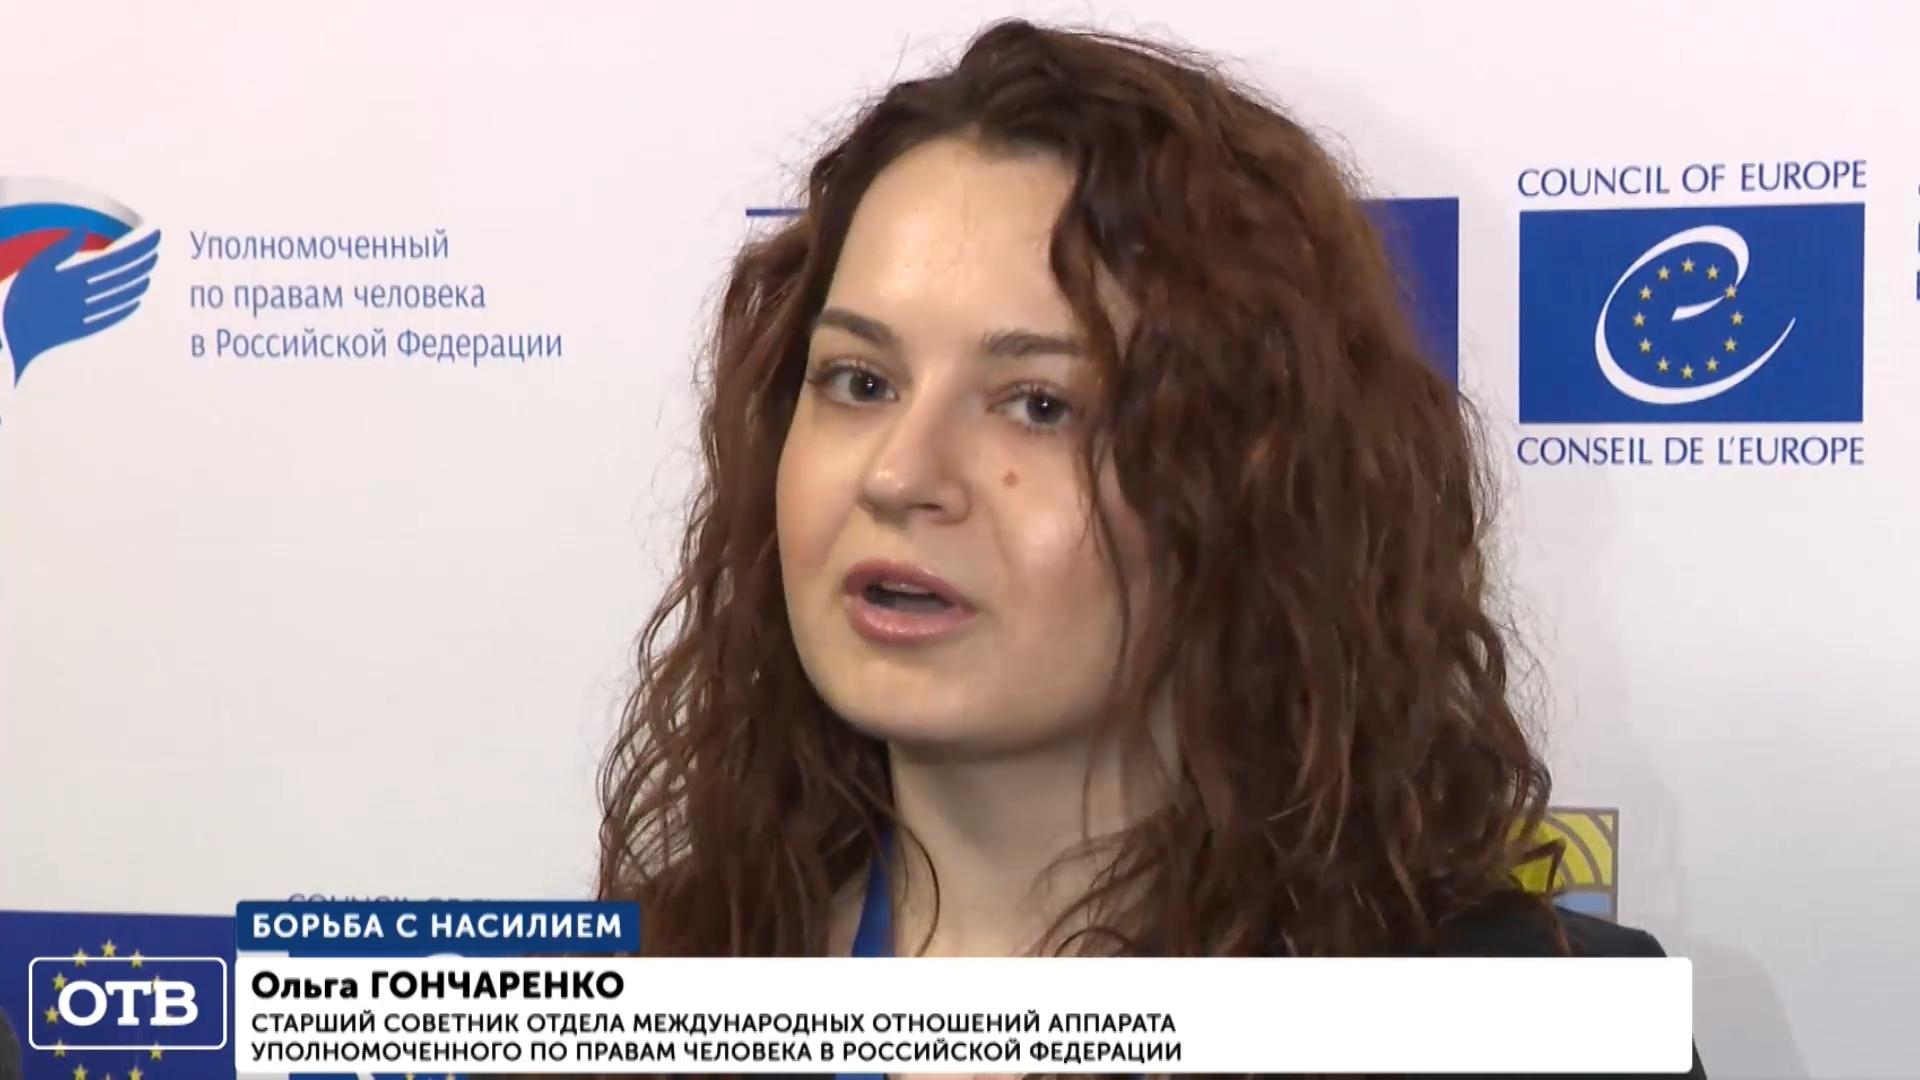 20200218_20-02-В Екатеринбурге стартовал двухдневный семинар по борьбе с домашним насилием-pic07